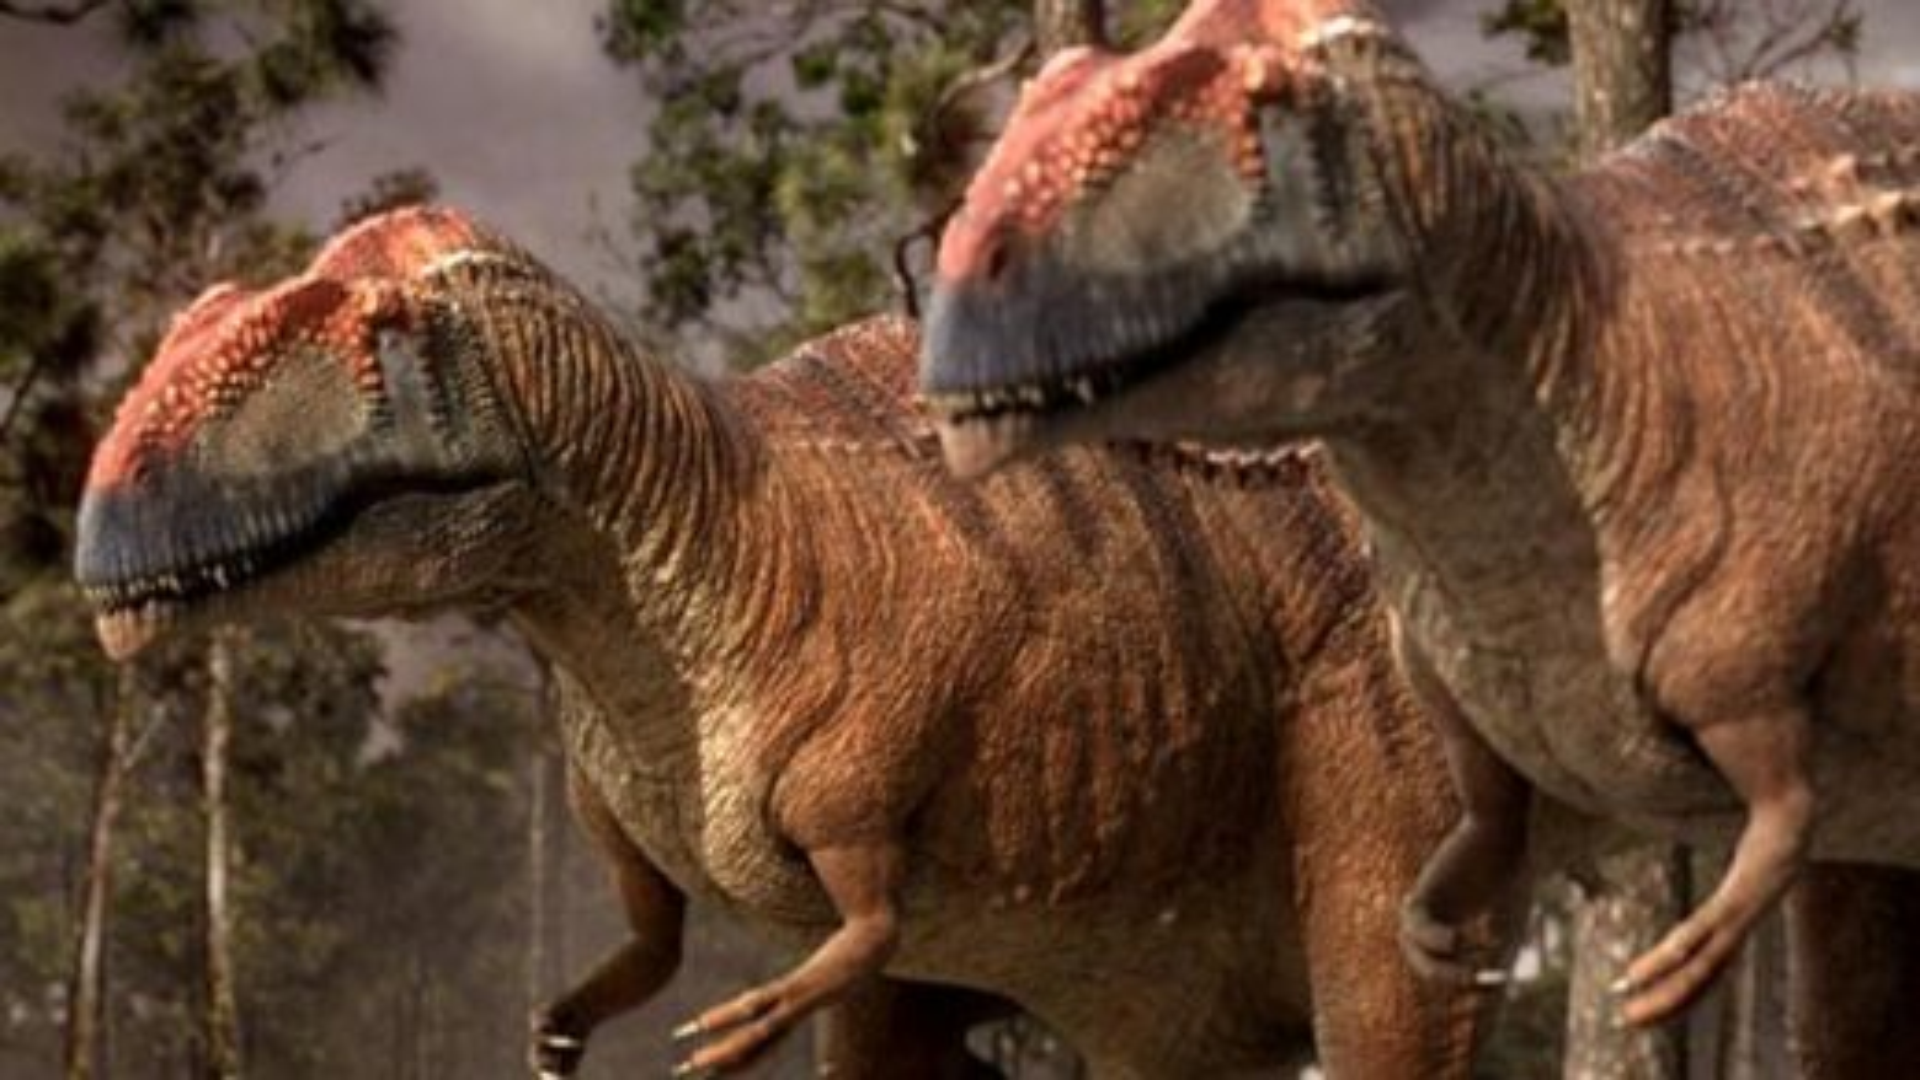 حمله گلهای ماپوساروسها به بزرگترین دایناسورهای ماقبل تاریخ | فیلم